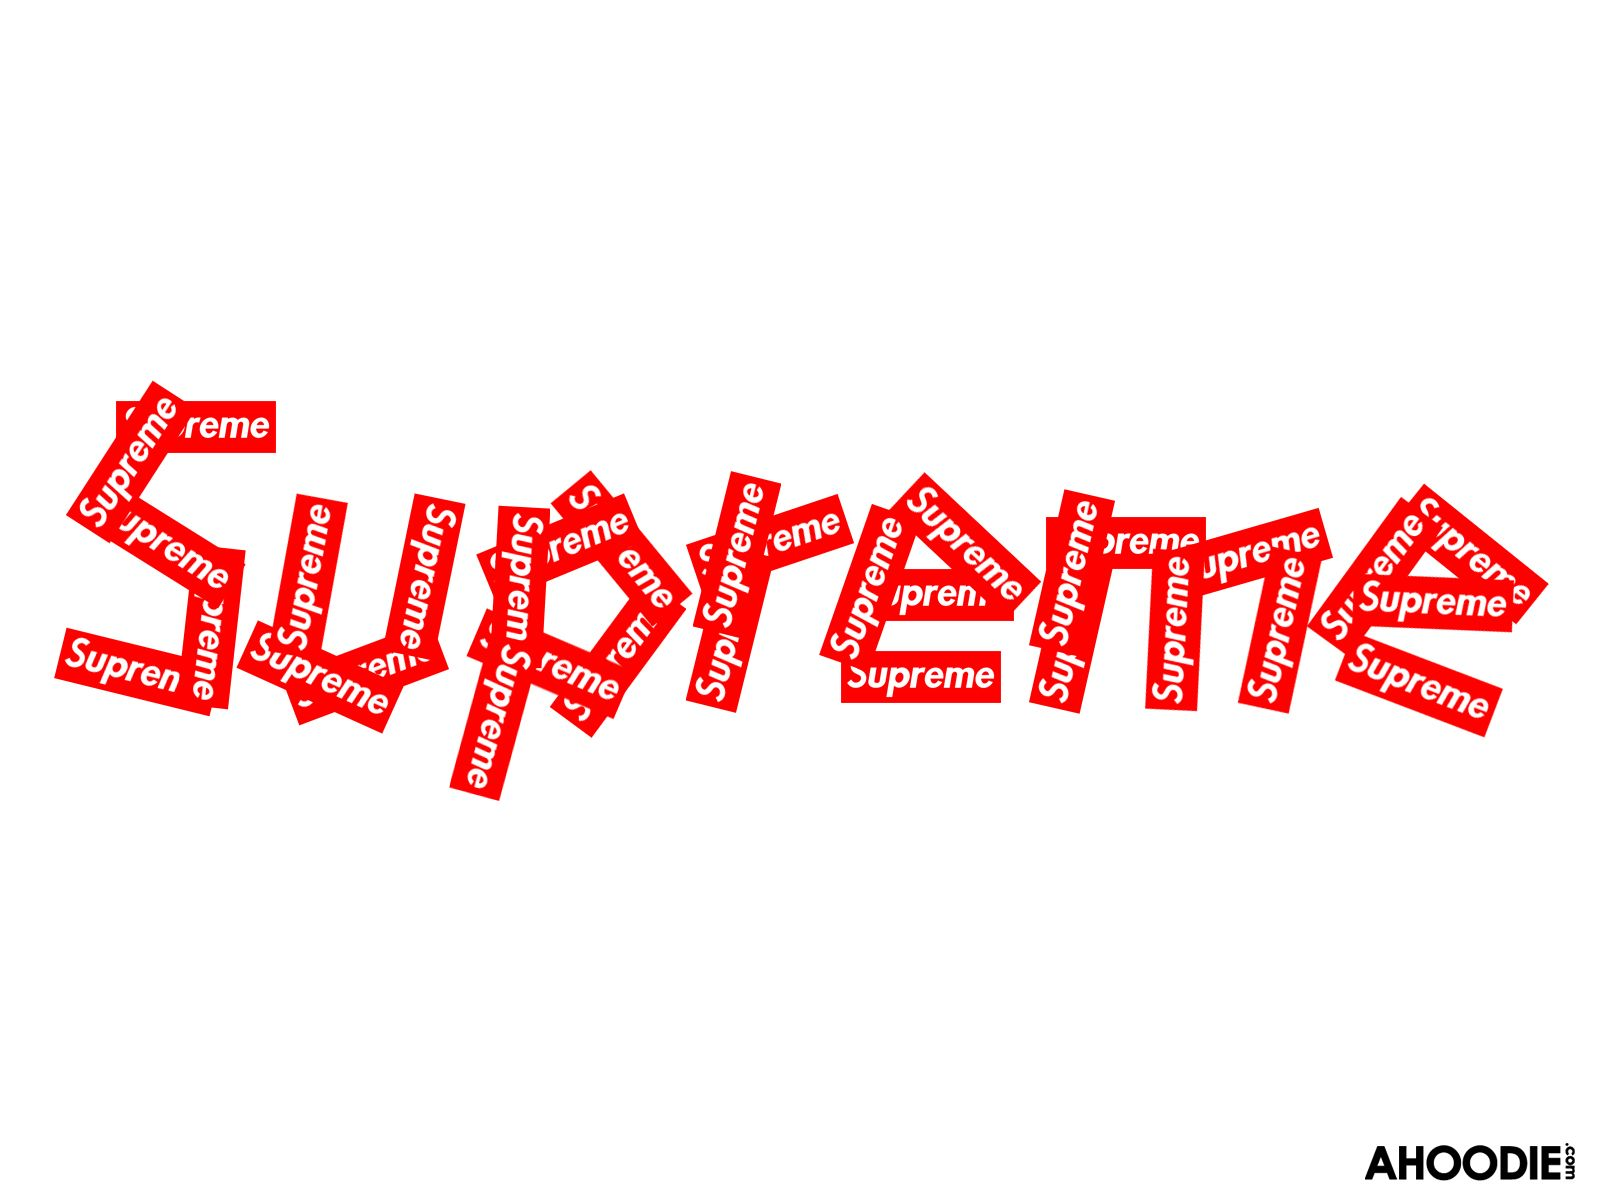 httpwwwahoodiecomwallpaperssupremewallpaper